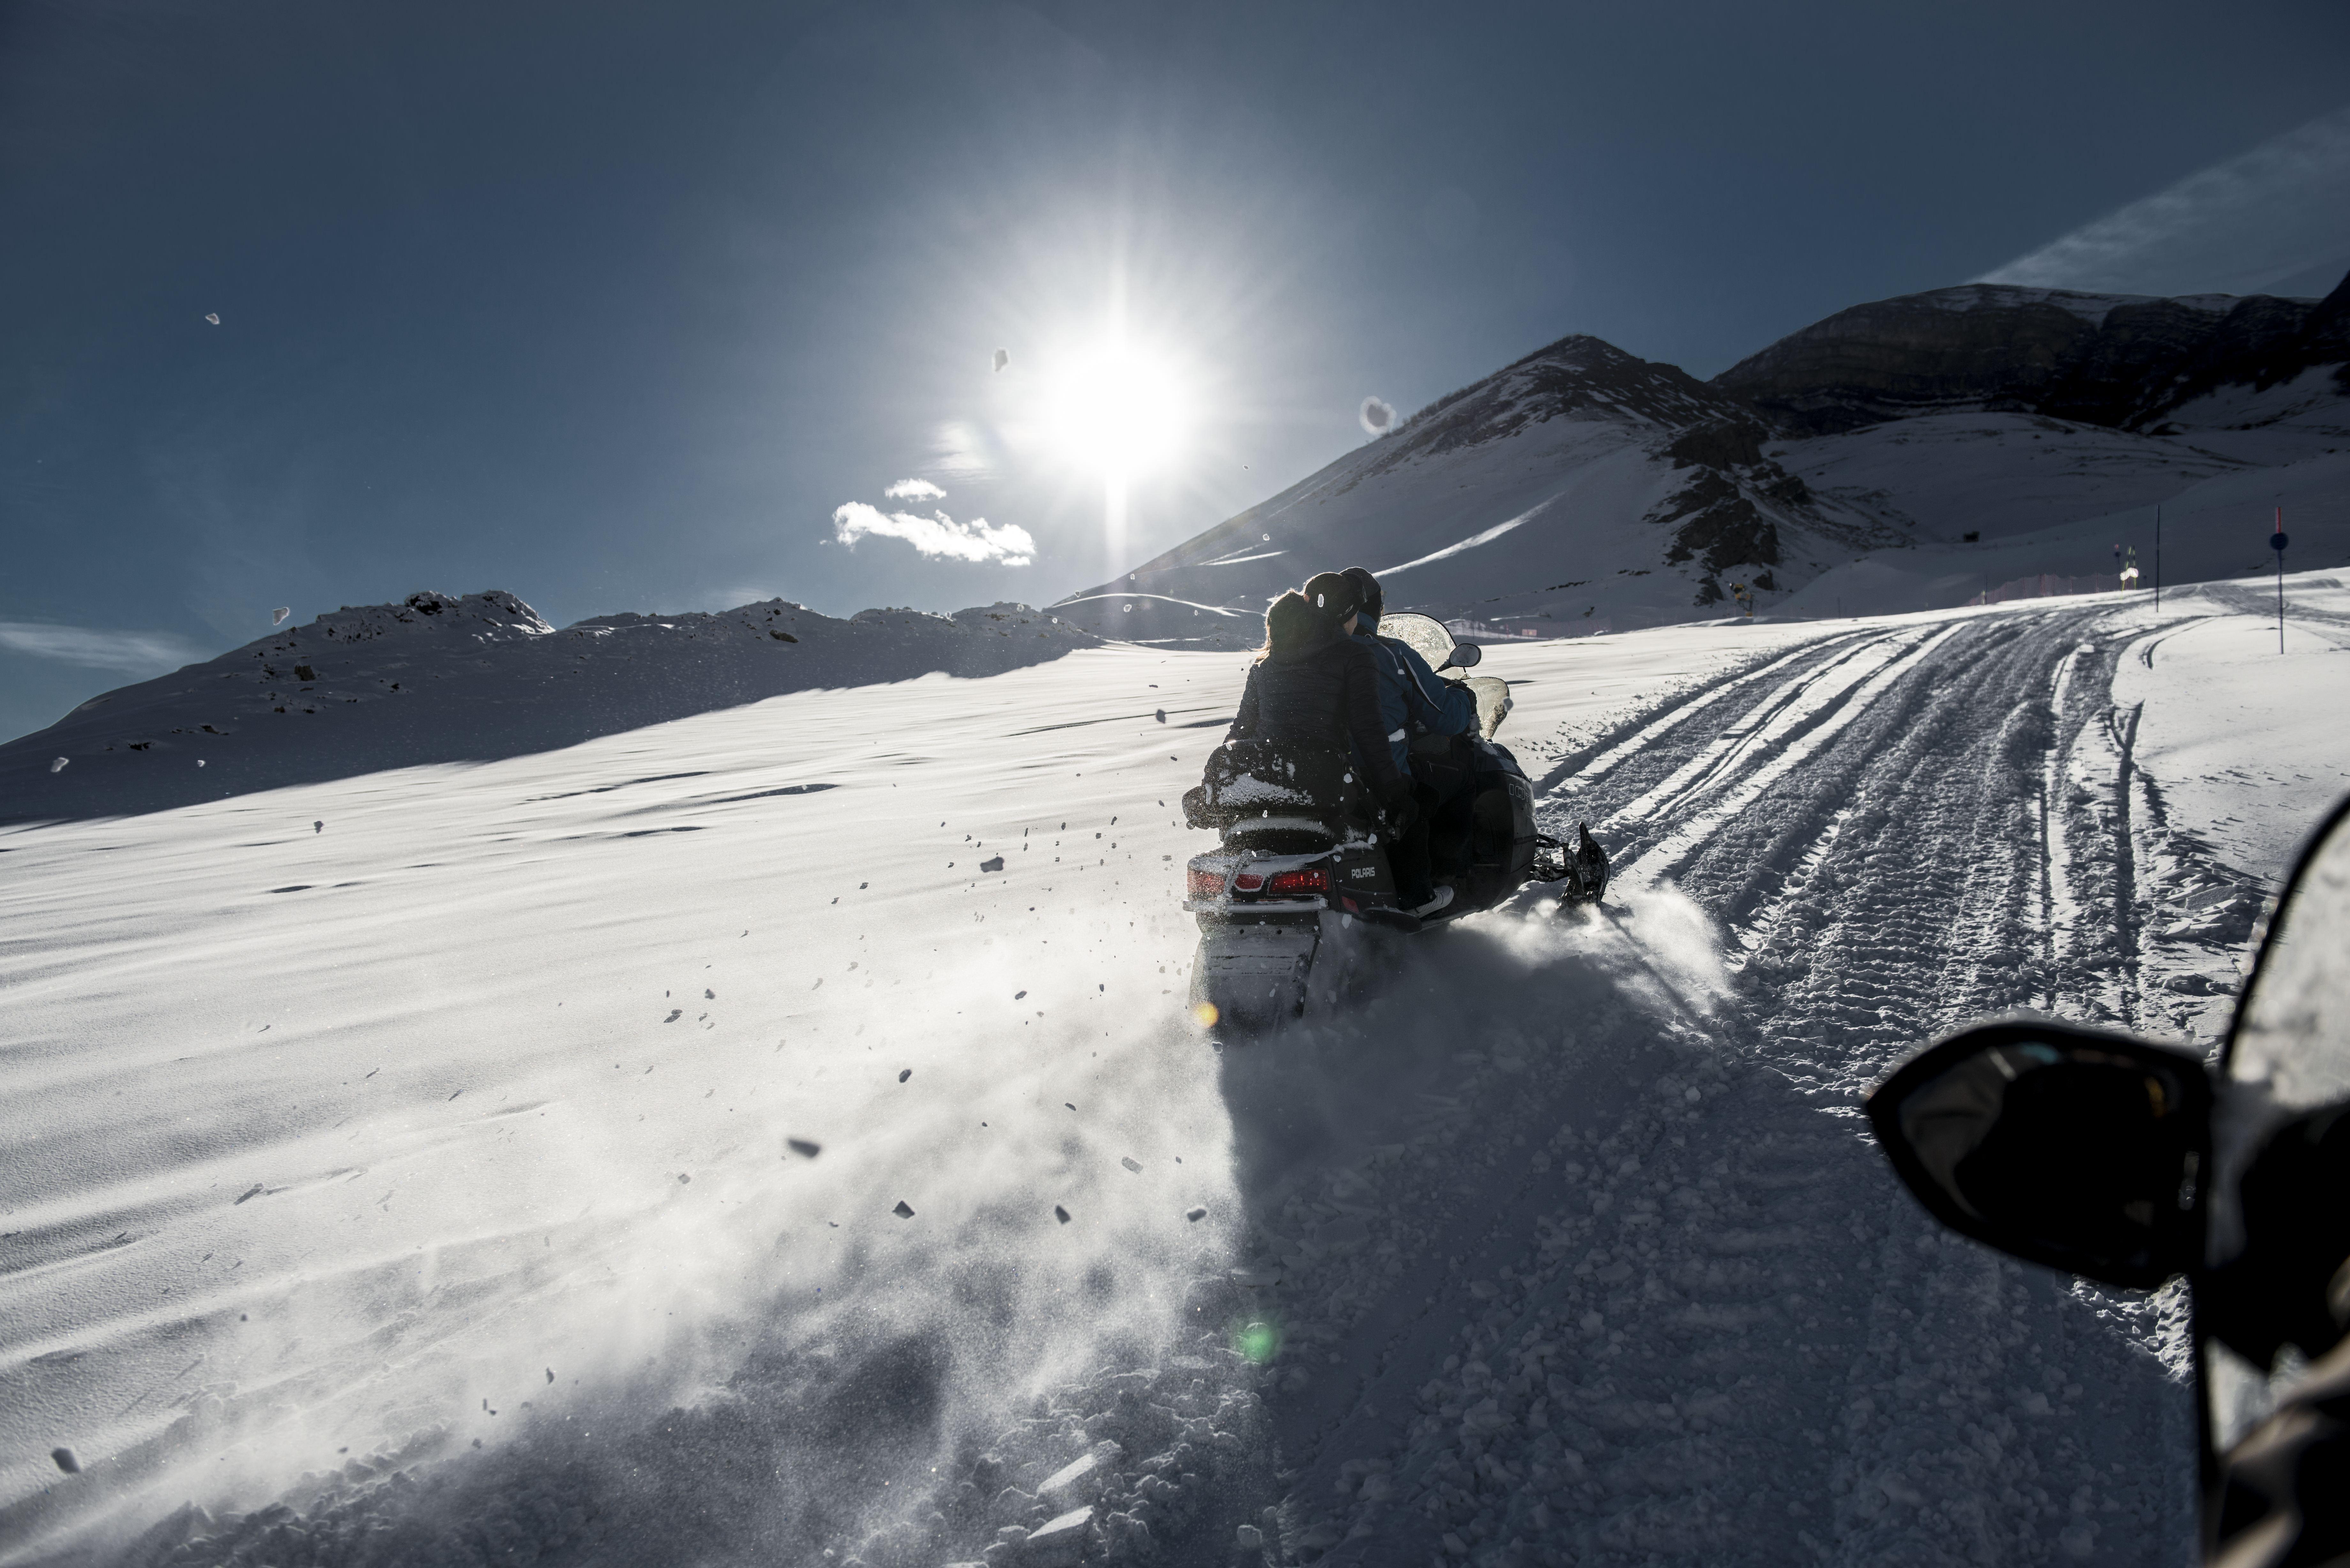 Shahdag Snowmobile, Shahdag Mountain Resort